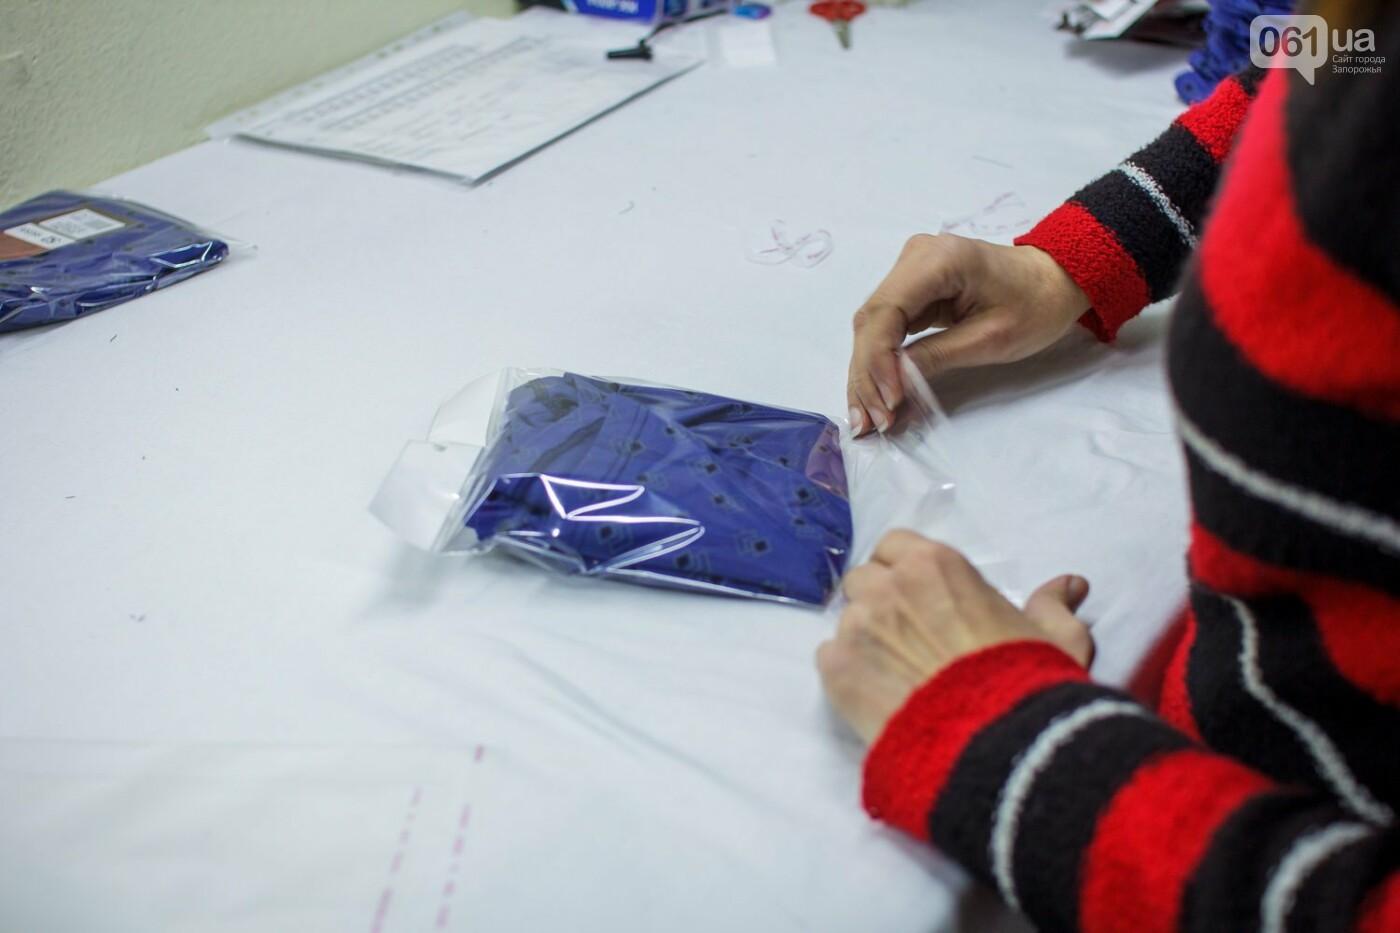 Как в Запорожье шьют мужское белье: экскурсия на трикотажную фабрику, – ФОТОРЕПОРТАЖ, фото-49